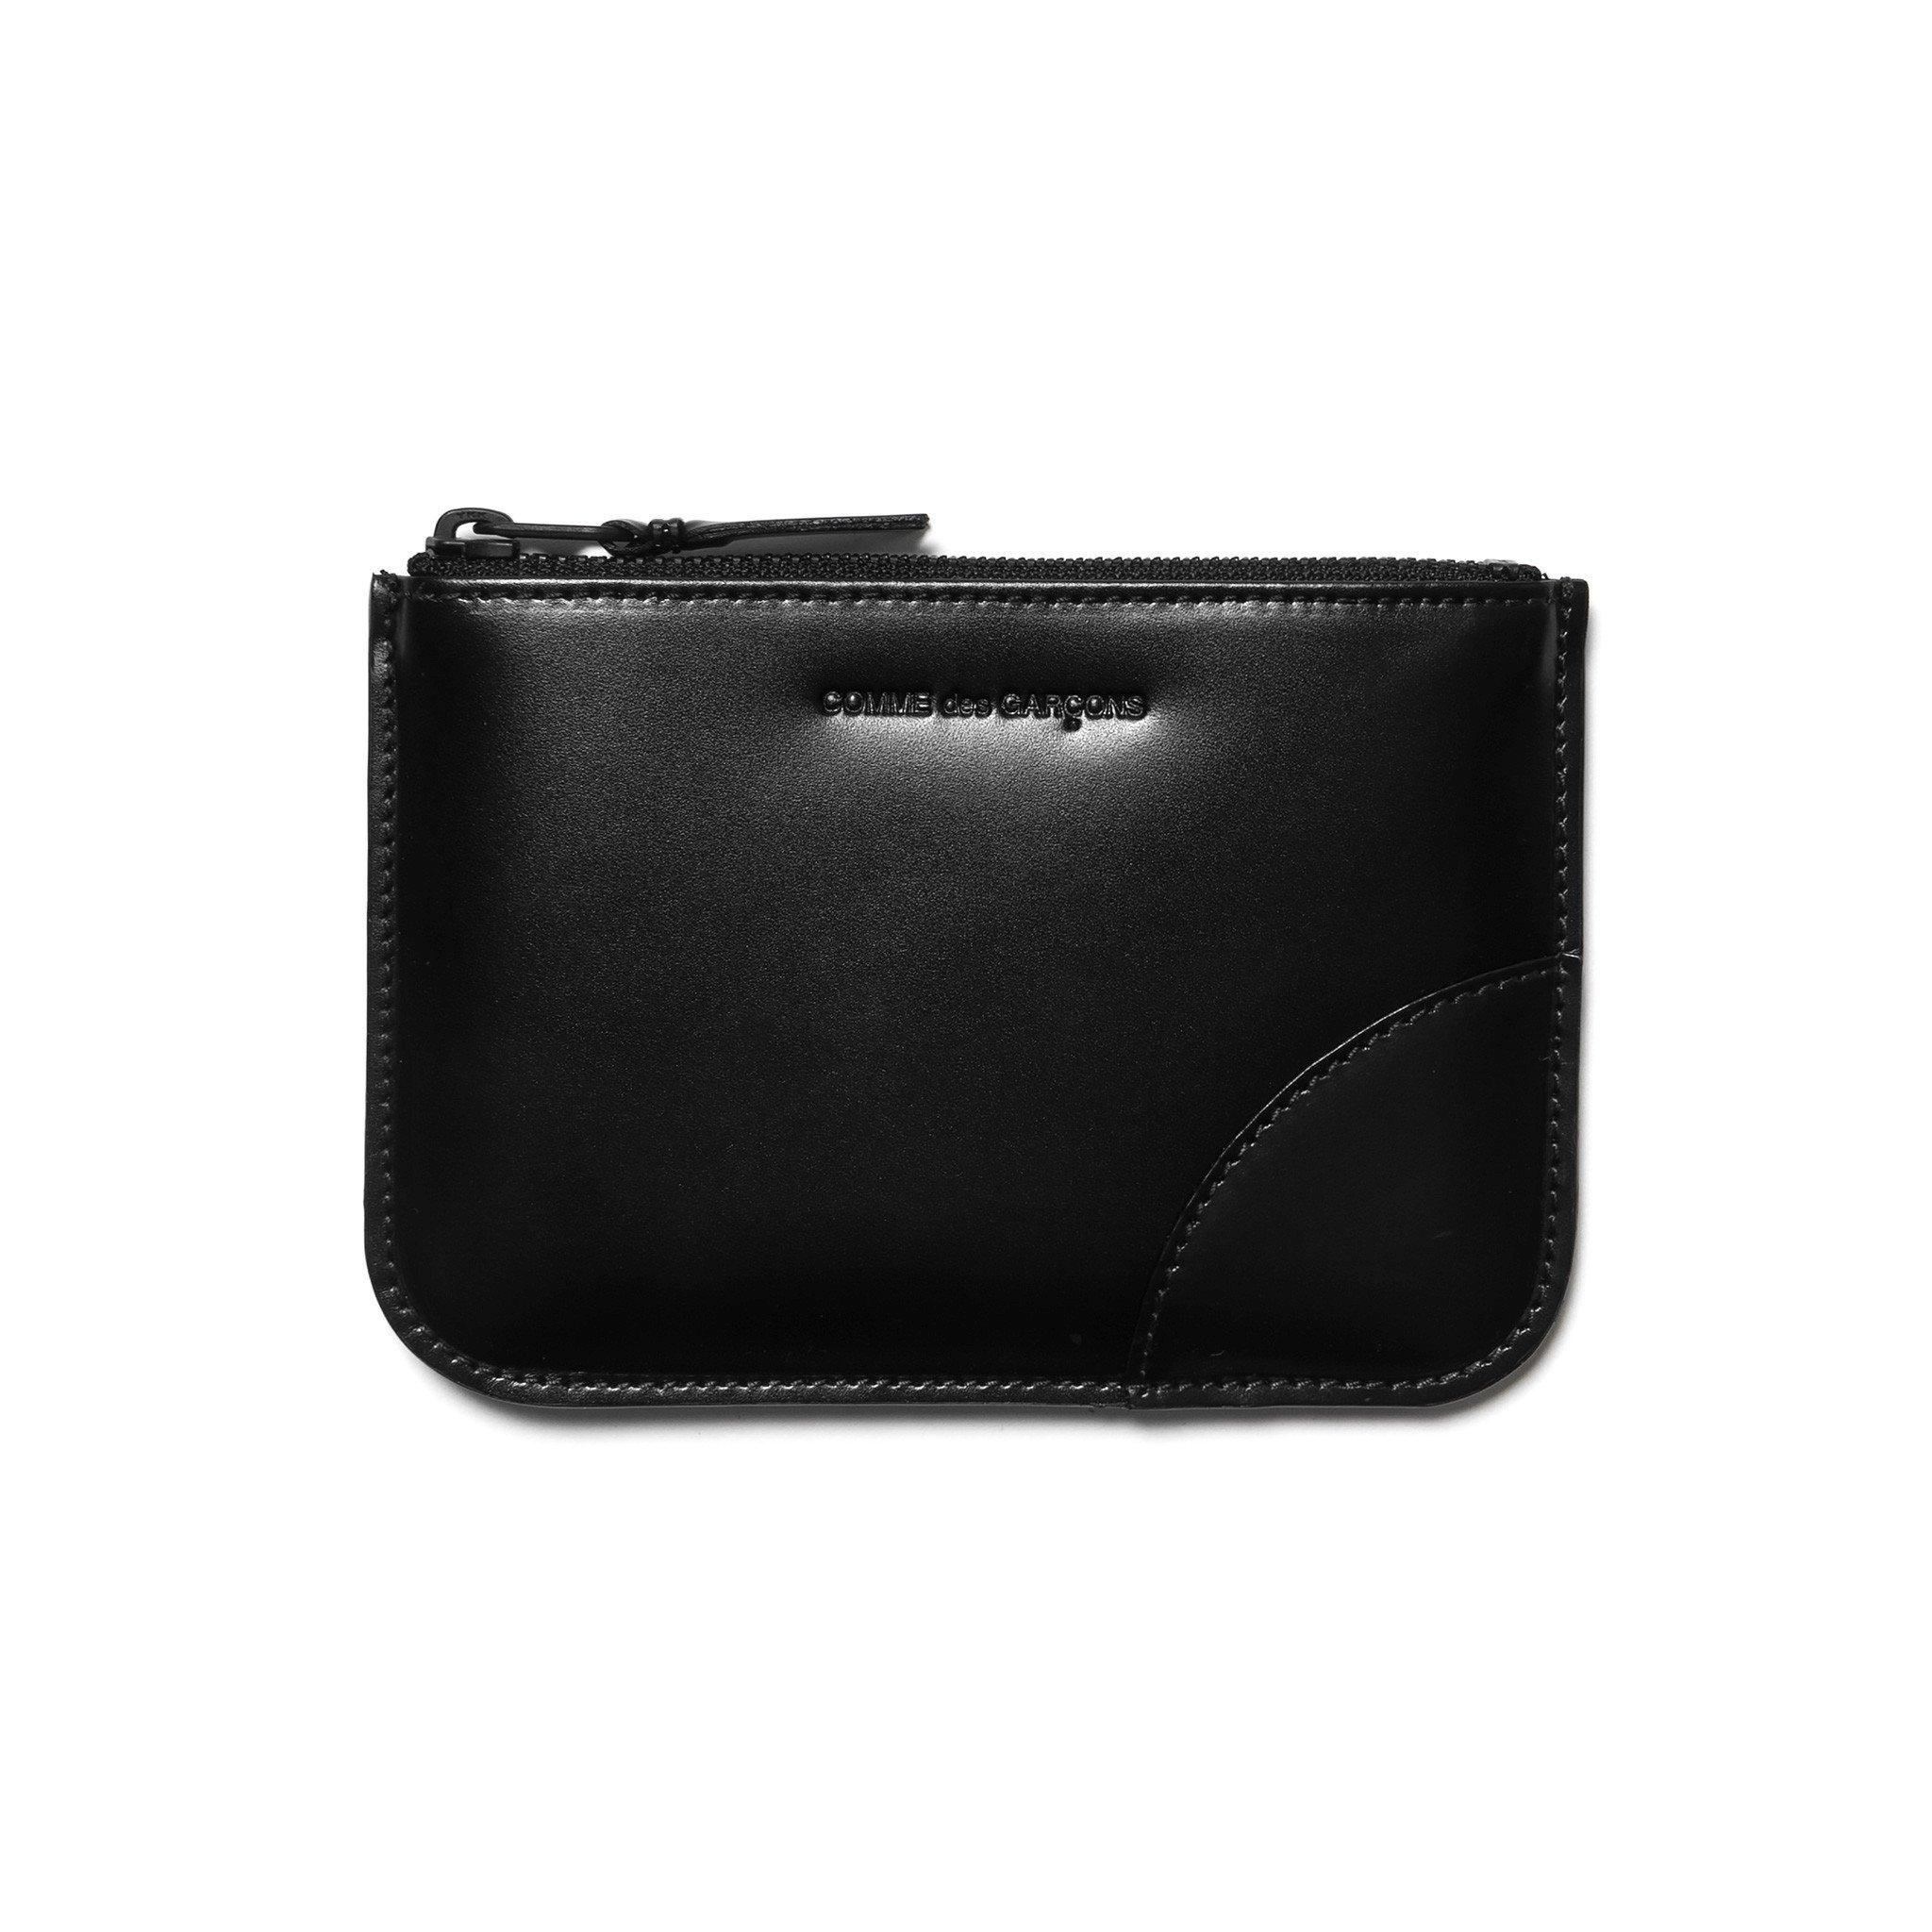 Comme Des Garcons Accessories | Commes Des Garcons Wallet | Comme Des Garcons Travel Wallet